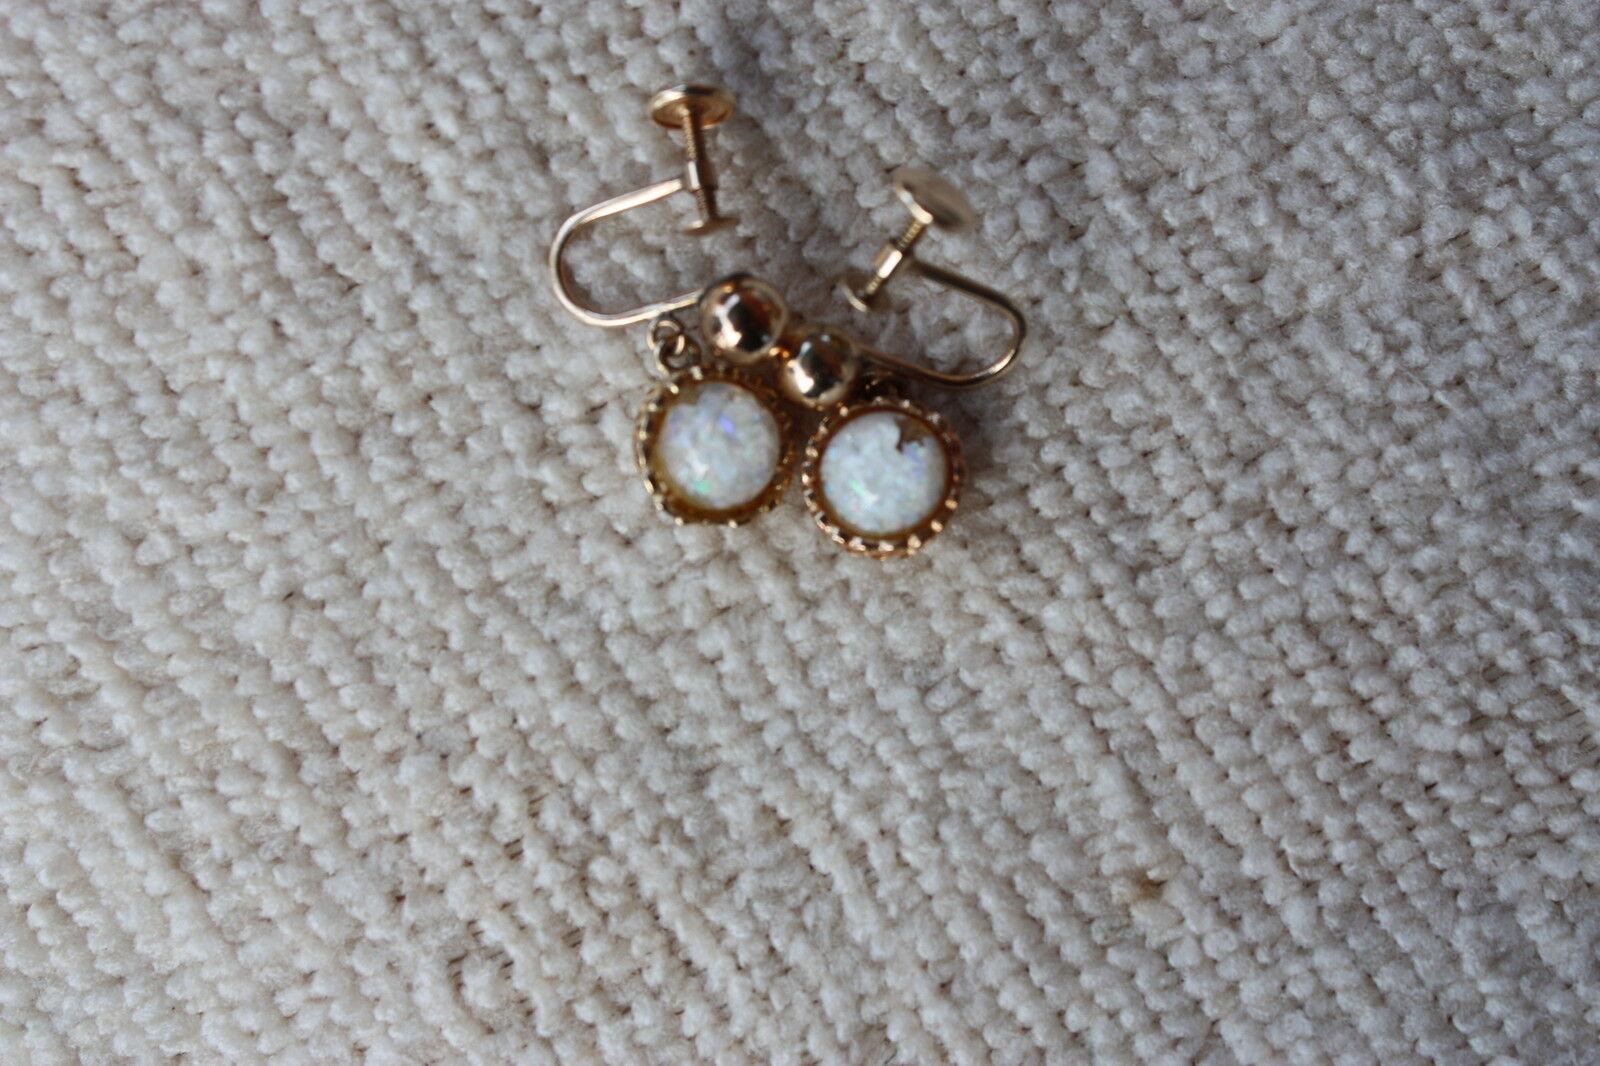 VTG 14k GOLD  Opal Clip on   EARRINGS - image 4